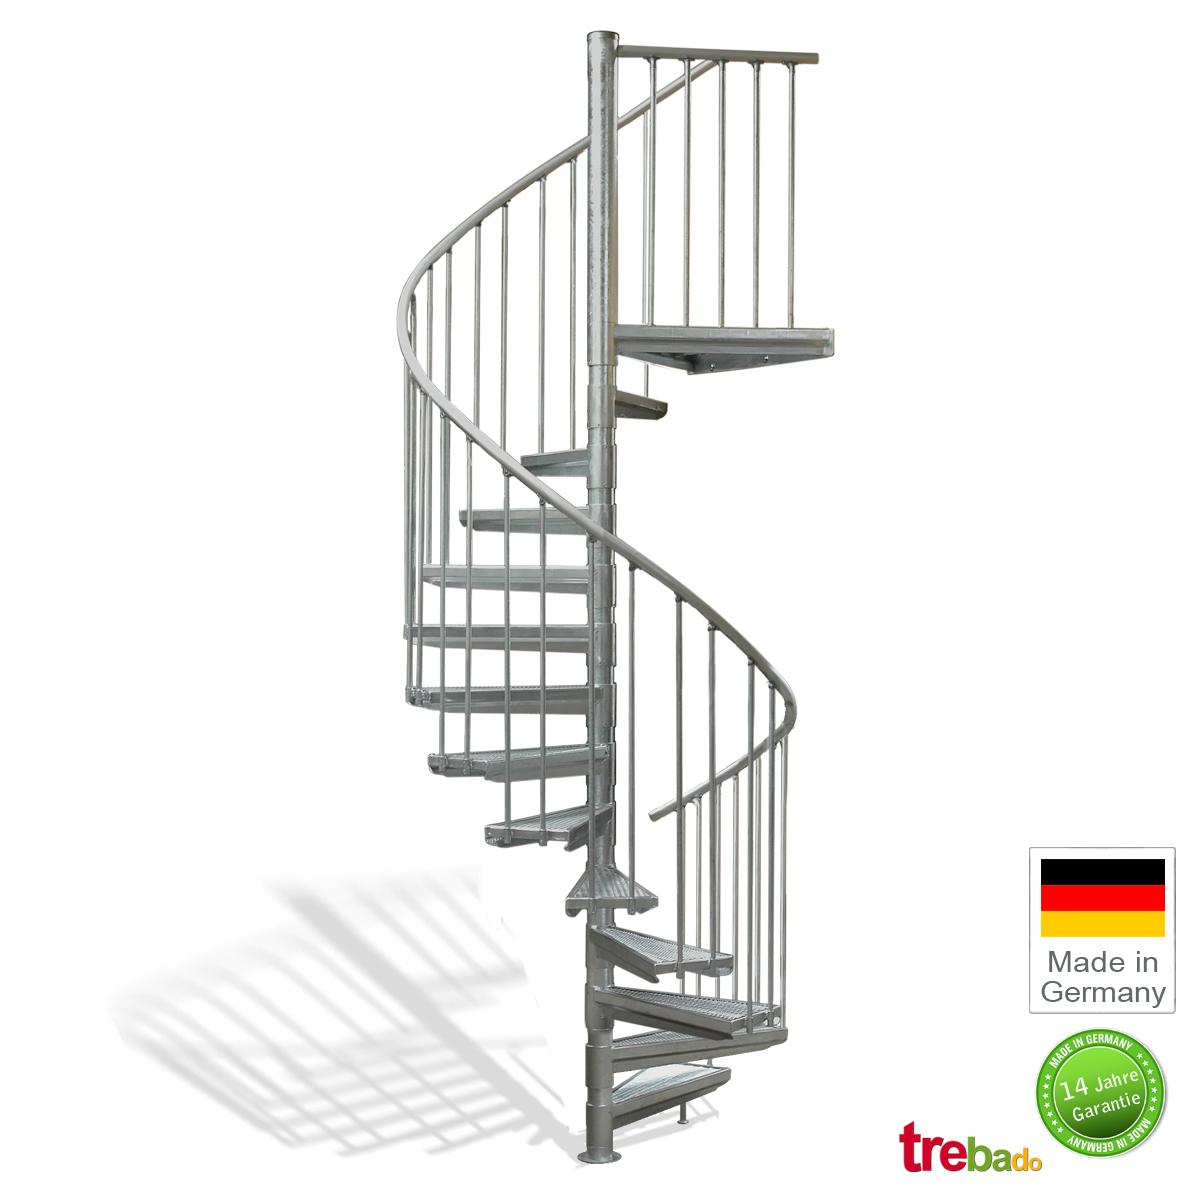 au entreppe 140 gewendelt 13 stufen plus podest h he 329 cm treppen bausatz do it yourself. Black Bedroom Furniture Sets. Home Design Ideas